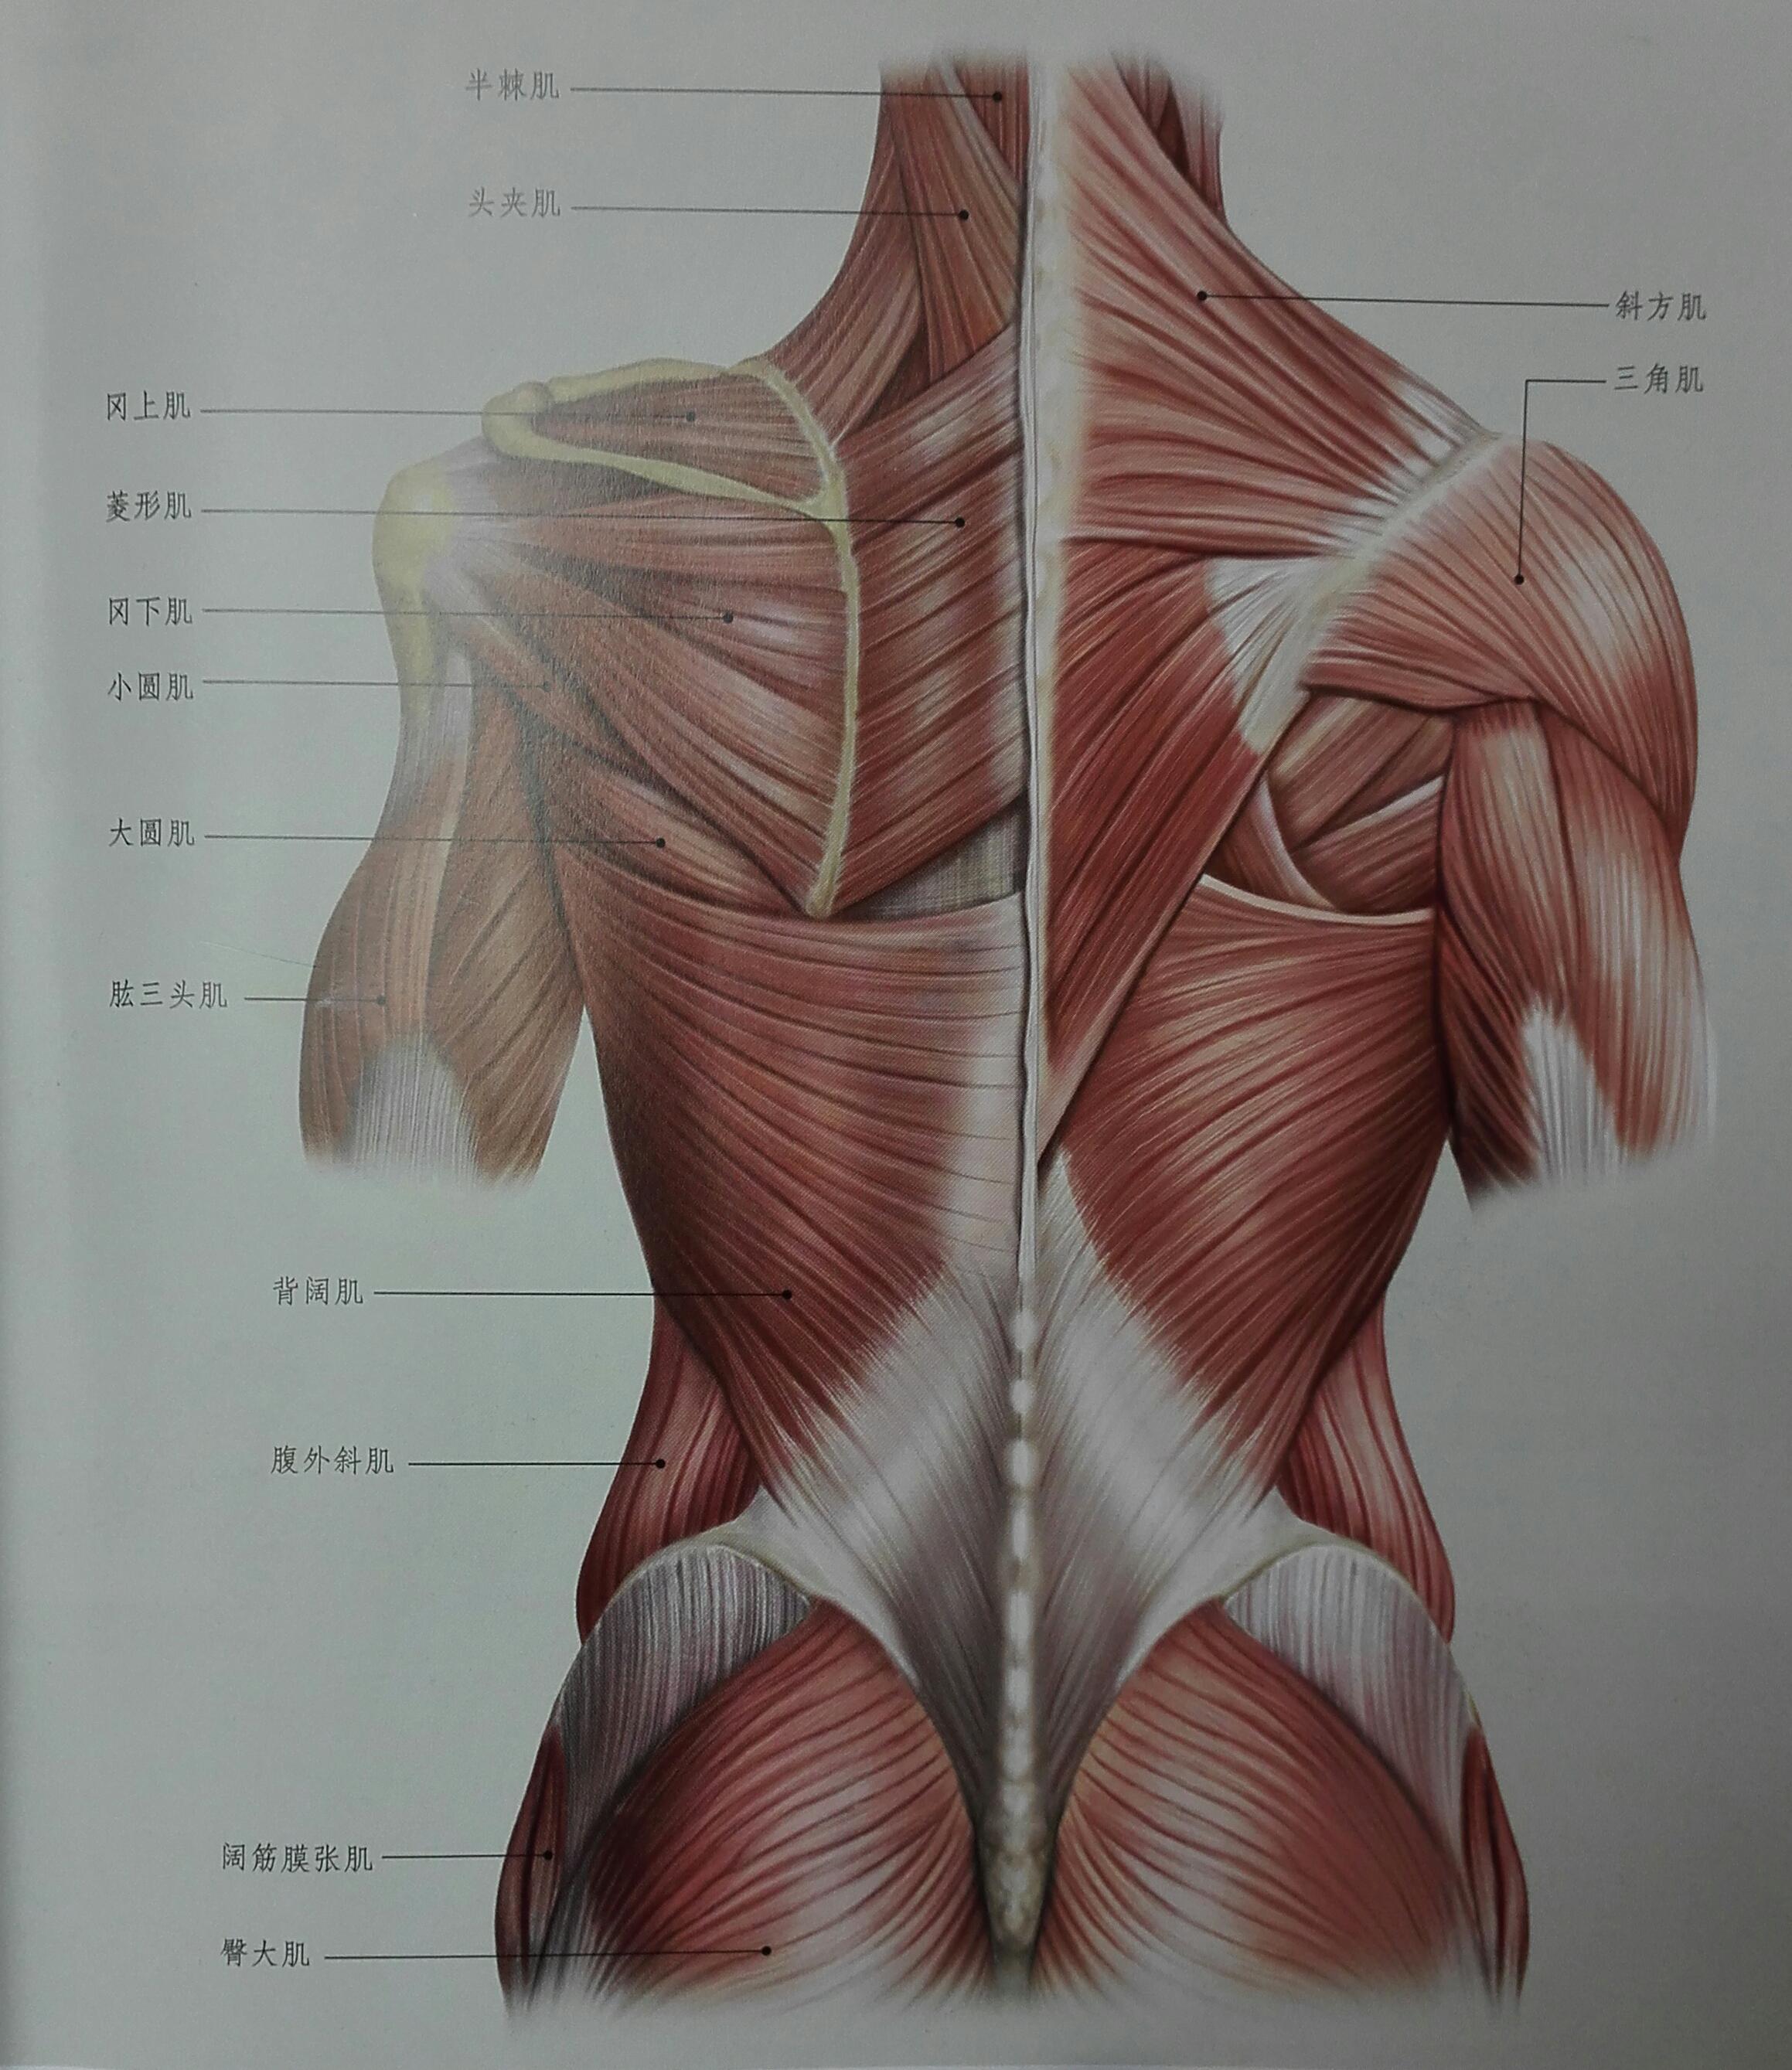 竖脊肌_背部肌肉的拉伸(有效缓解背部疲劳紧张)